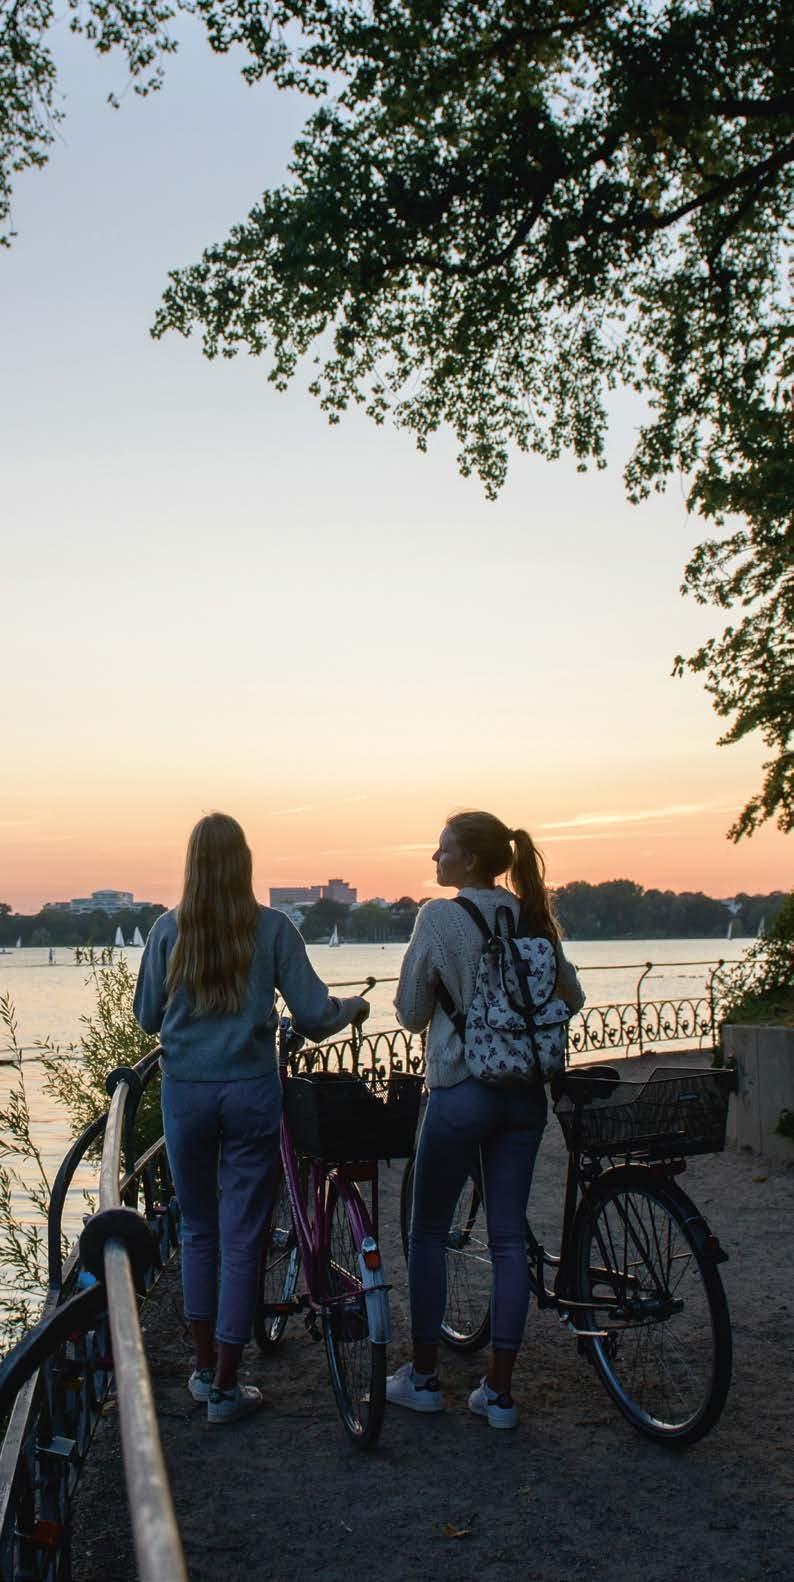 """Ausflüge mit gutem GewissenRadtouren und Sightseeing per Rad werden bei Touristen immer beliebter. Ob """"Hamburg Auskenner"""" oder """"Hamburg City Cycles"""" – das touristische Angebot bietet für jeden die passende Tour"""